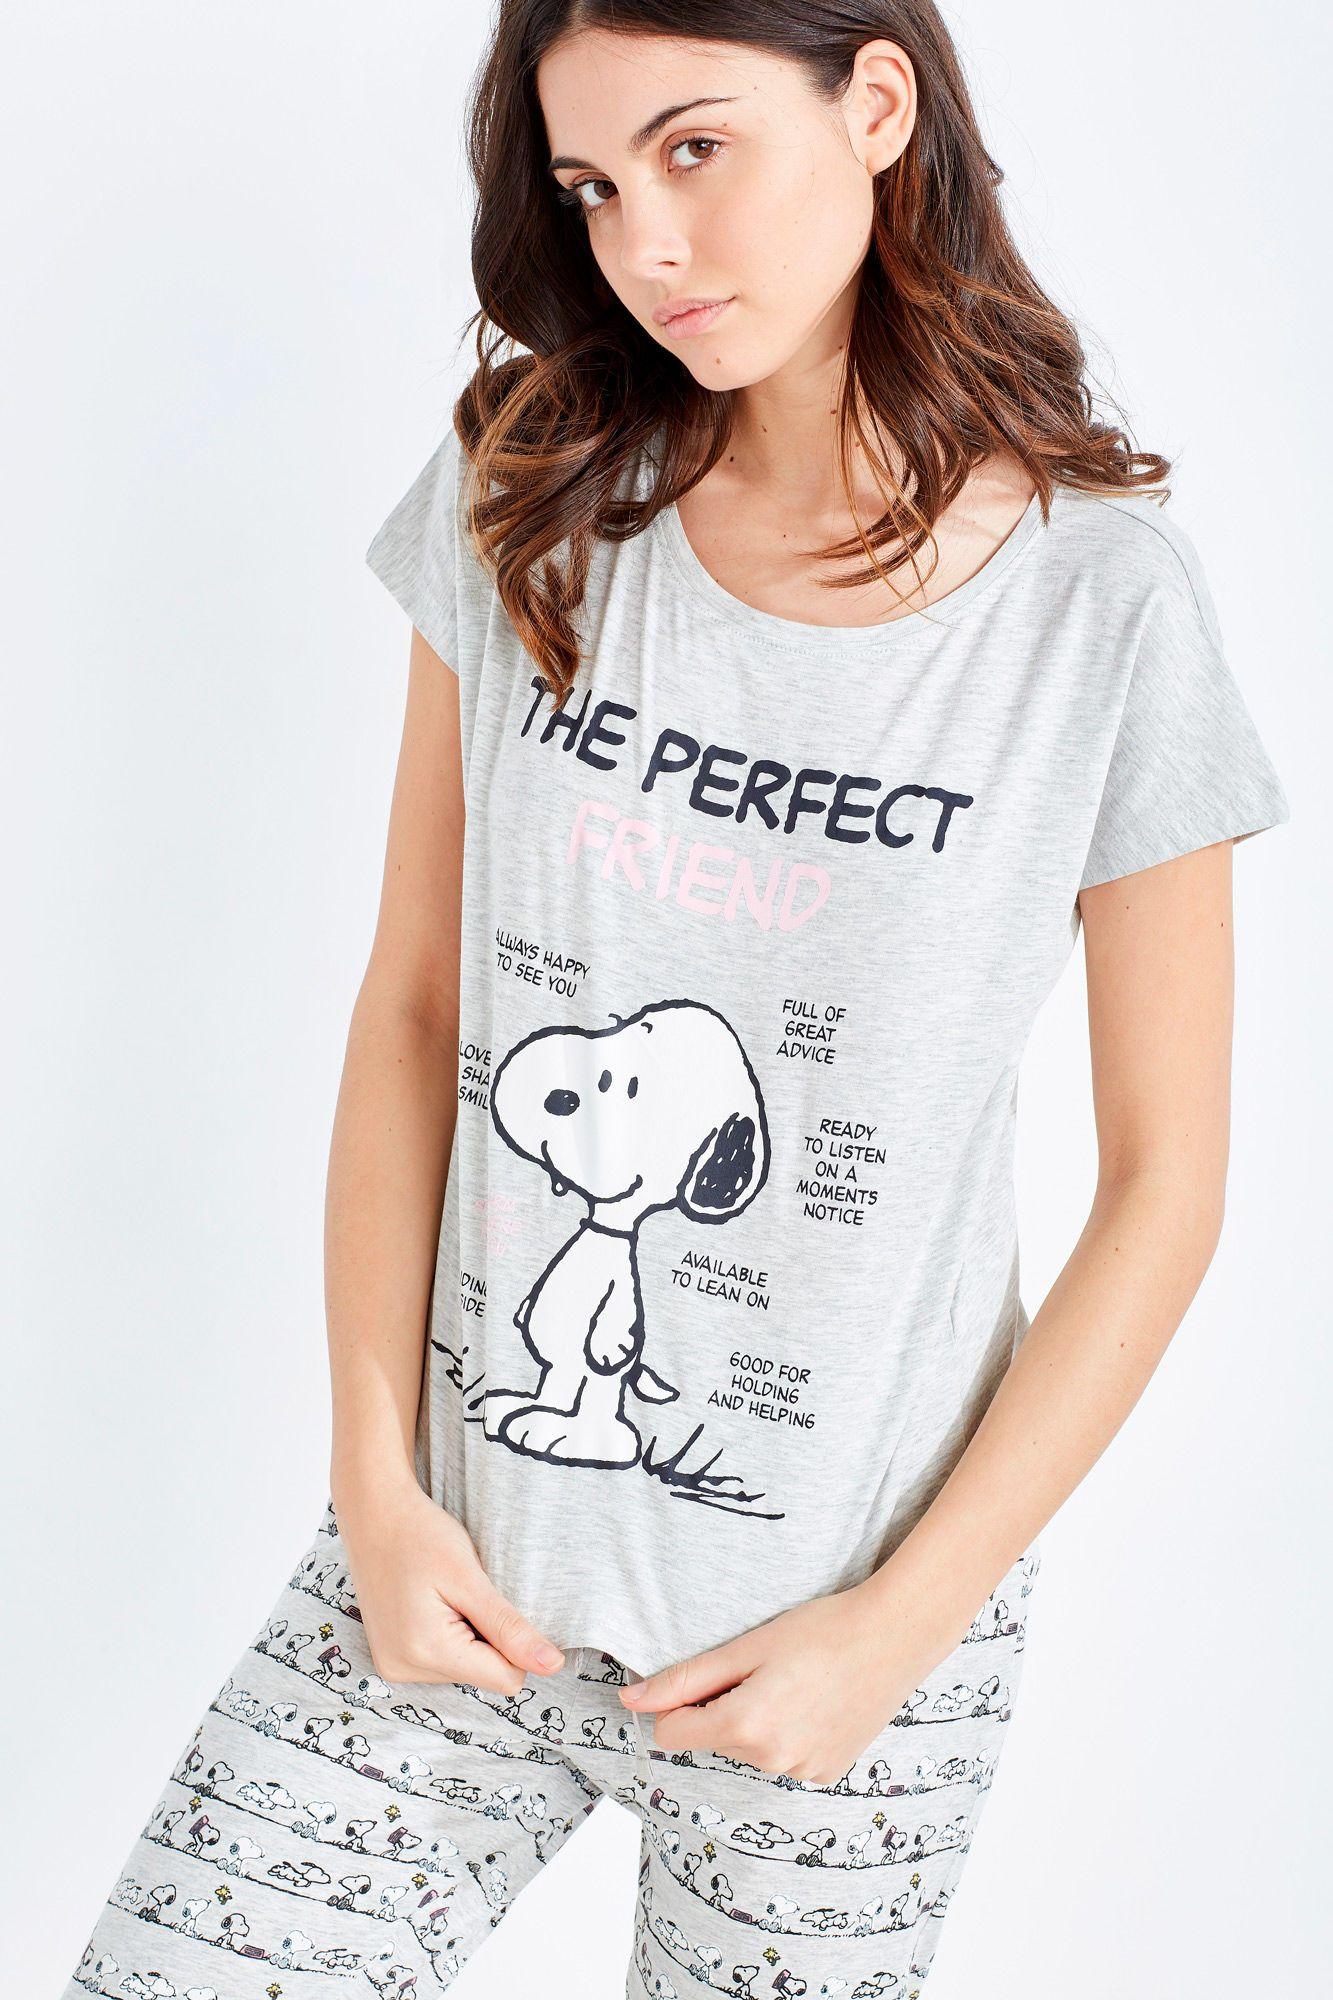 9d866815 Pijama capri de algodón de Snoopy compuesto por camiseta de manga corta con  estampado de Snoopy y textos 'The perfect friend' y pantalón capri con  estampado ...